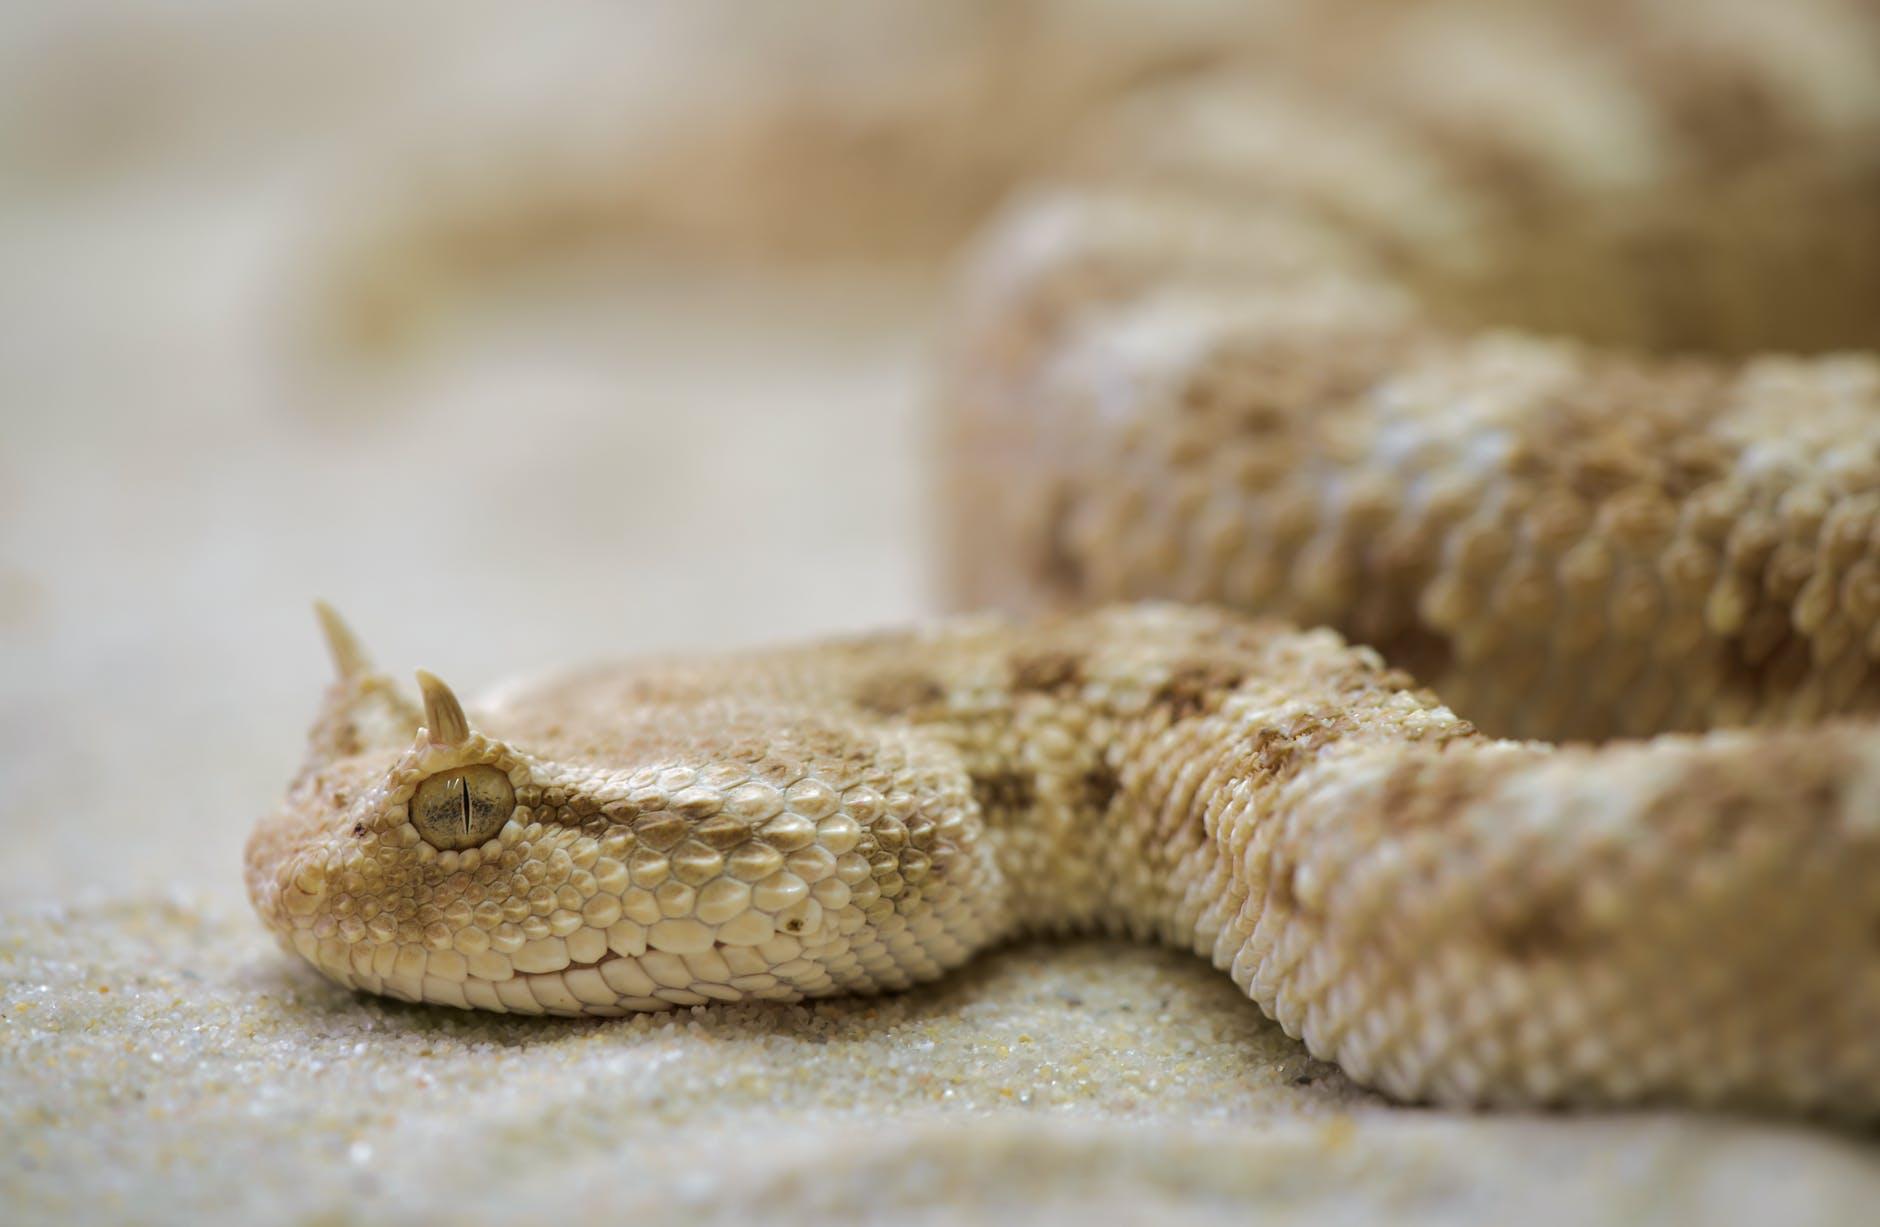 Serpiente crotalo